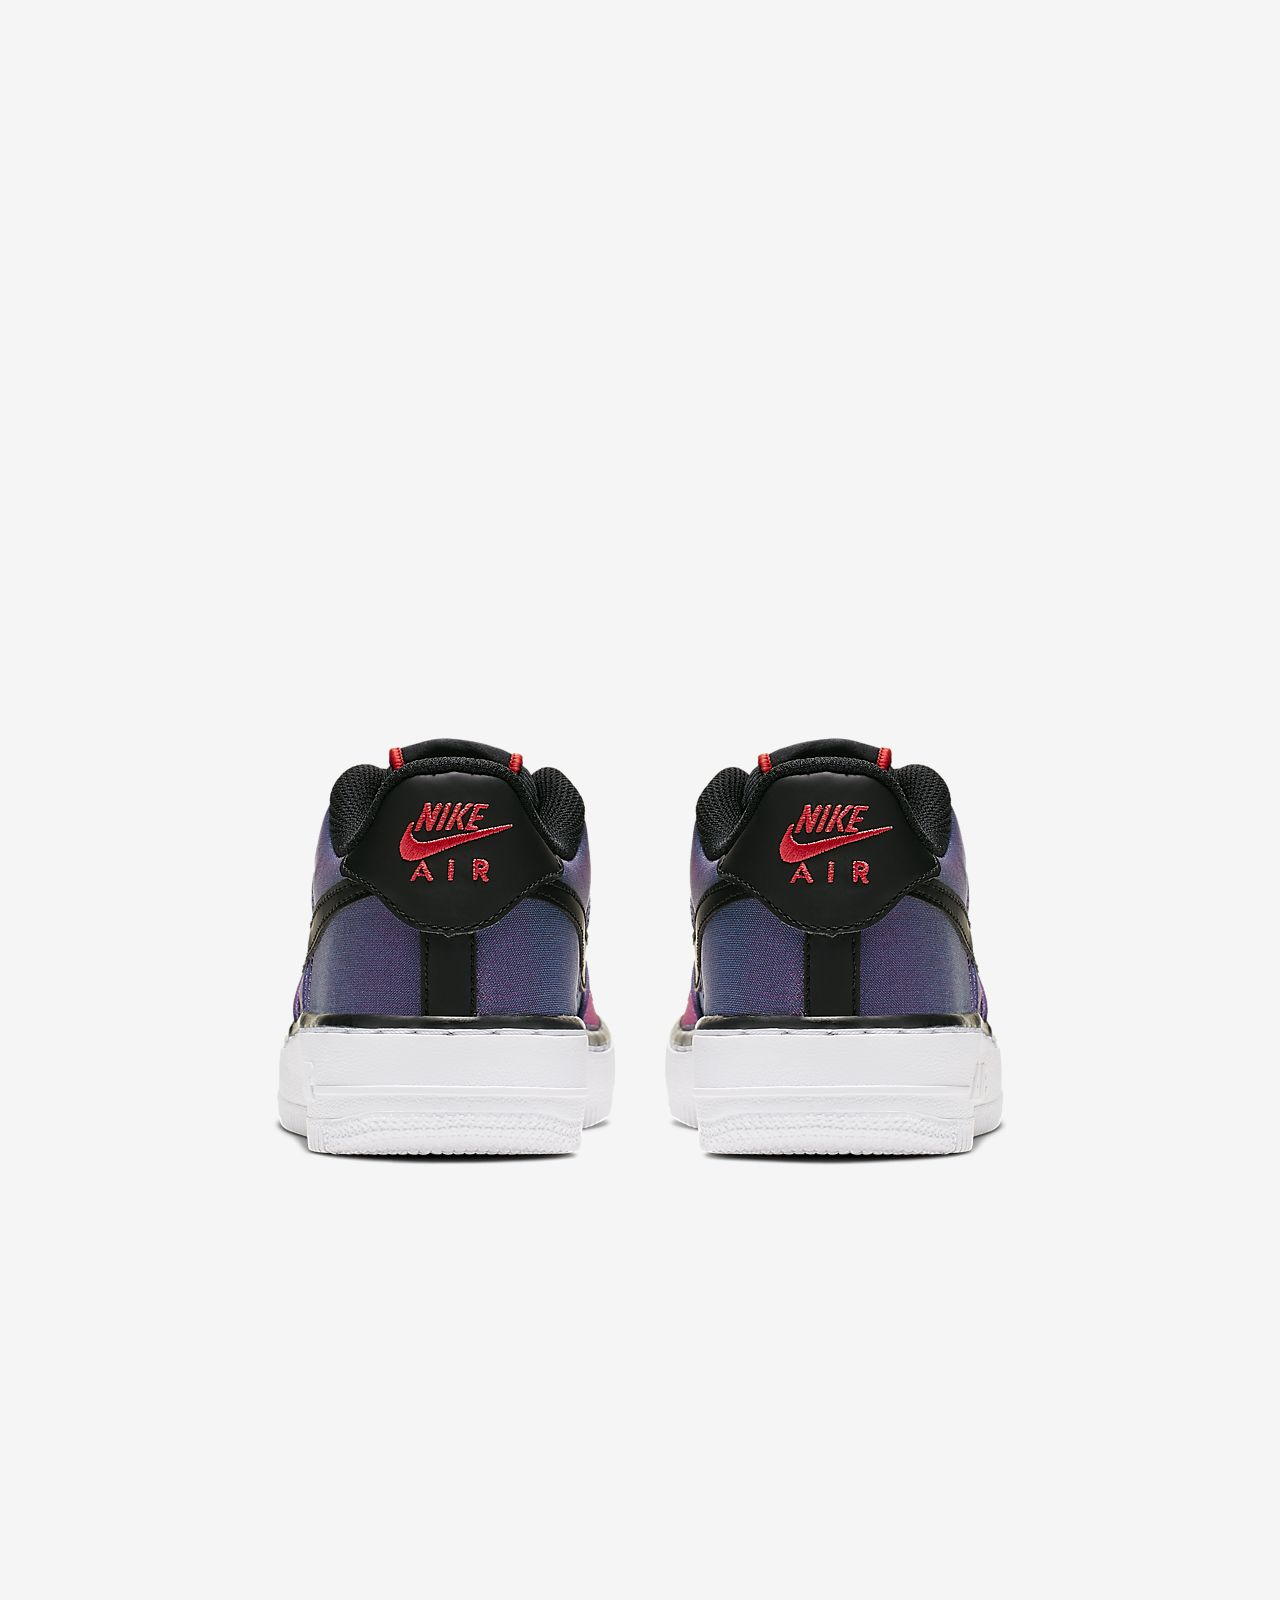 san francisco 87d7c 6bfe4 ... Chaussure Nike Air Force 1 LV8 Shift pour Enfant plus âgé